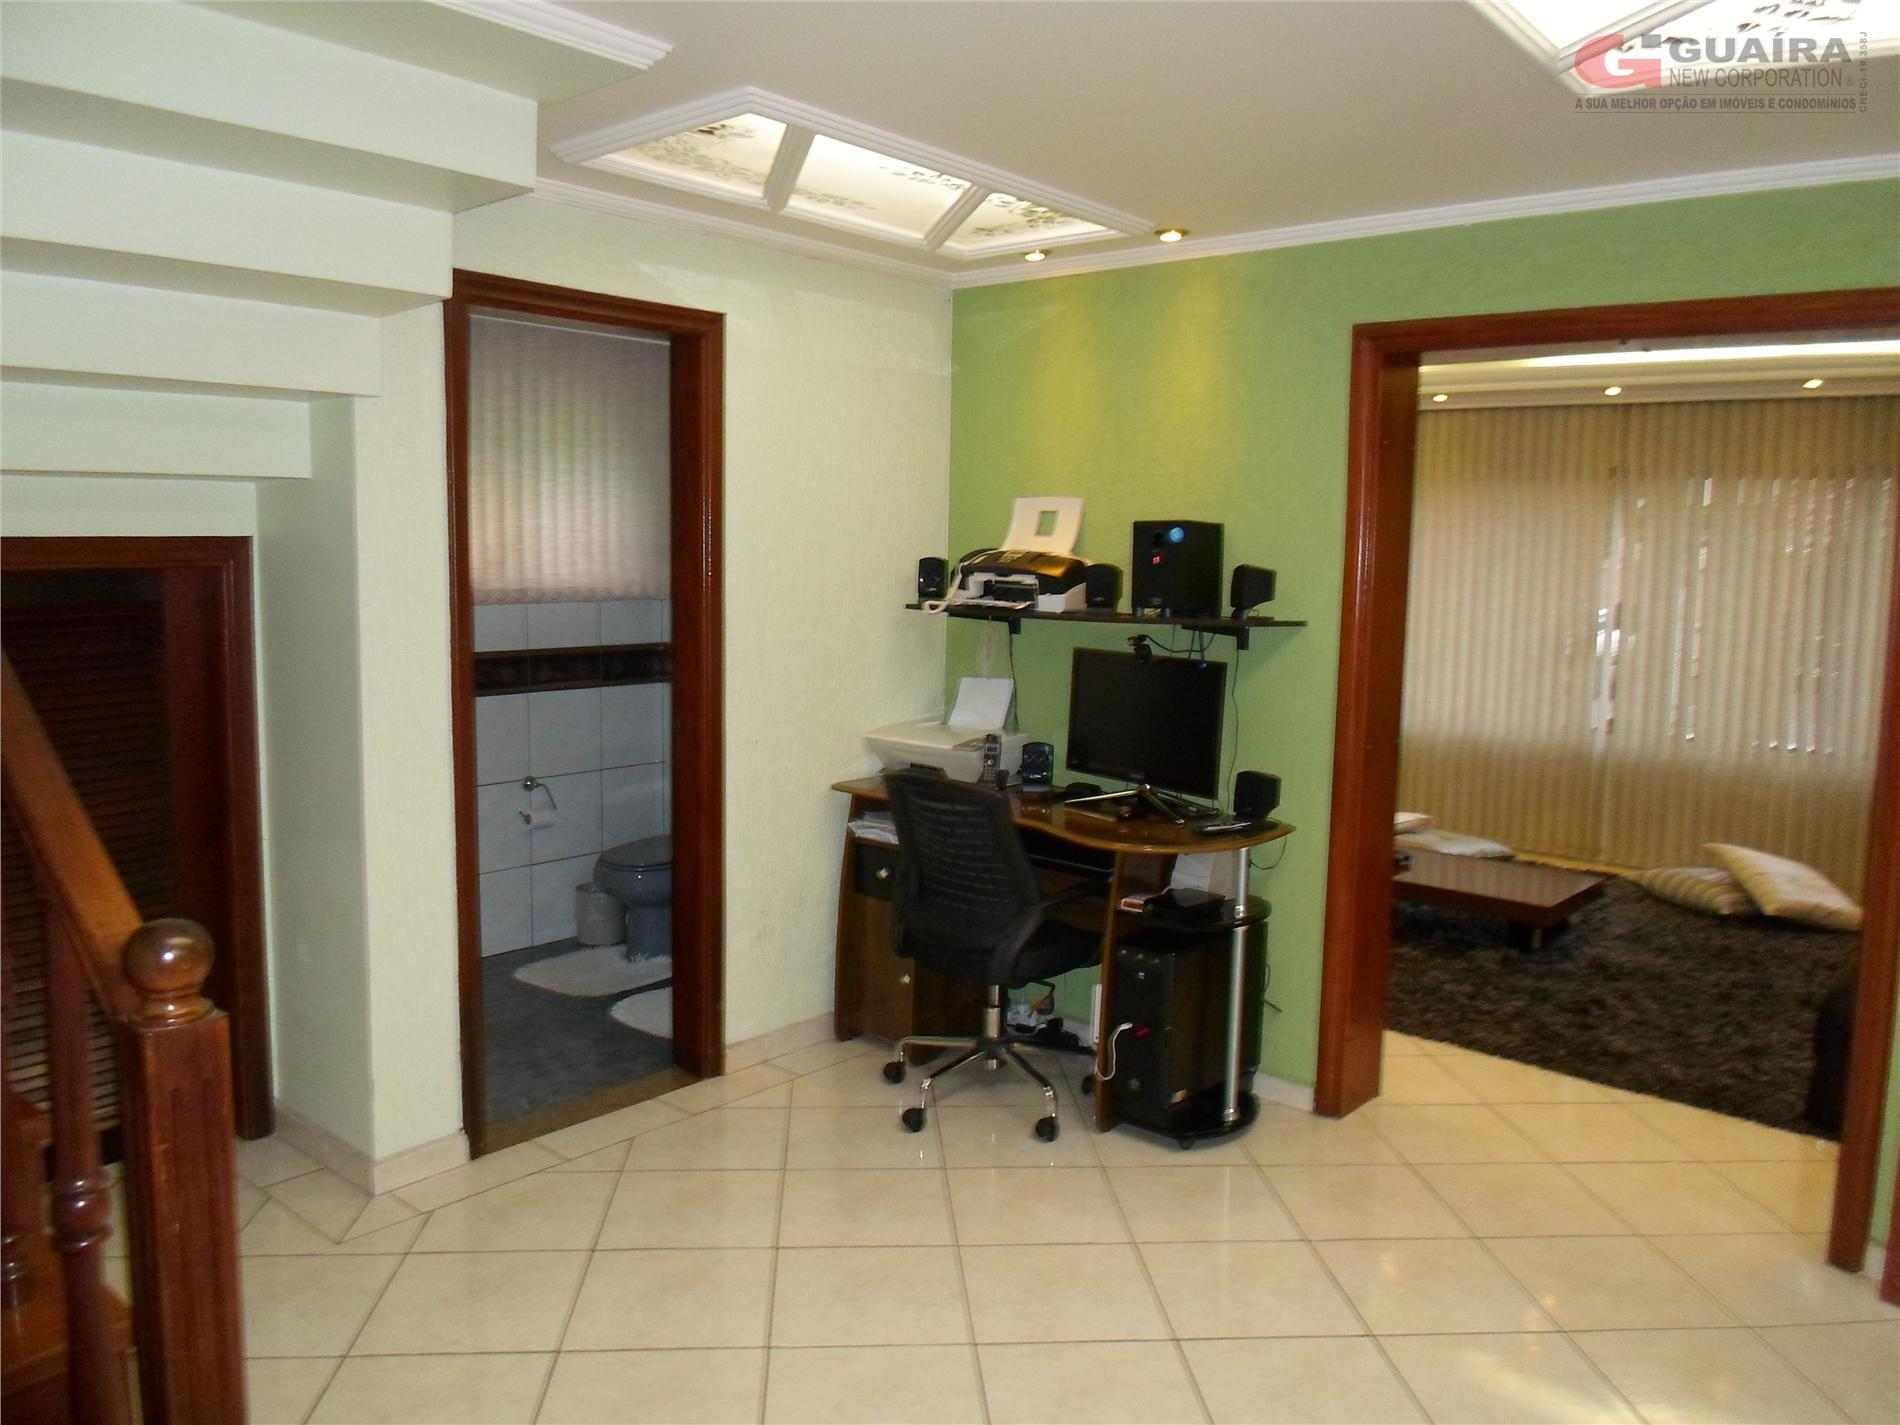 Sobrado de 3 dormitórios à venda em Paulicéia, São Bernardo Do Campo - SP